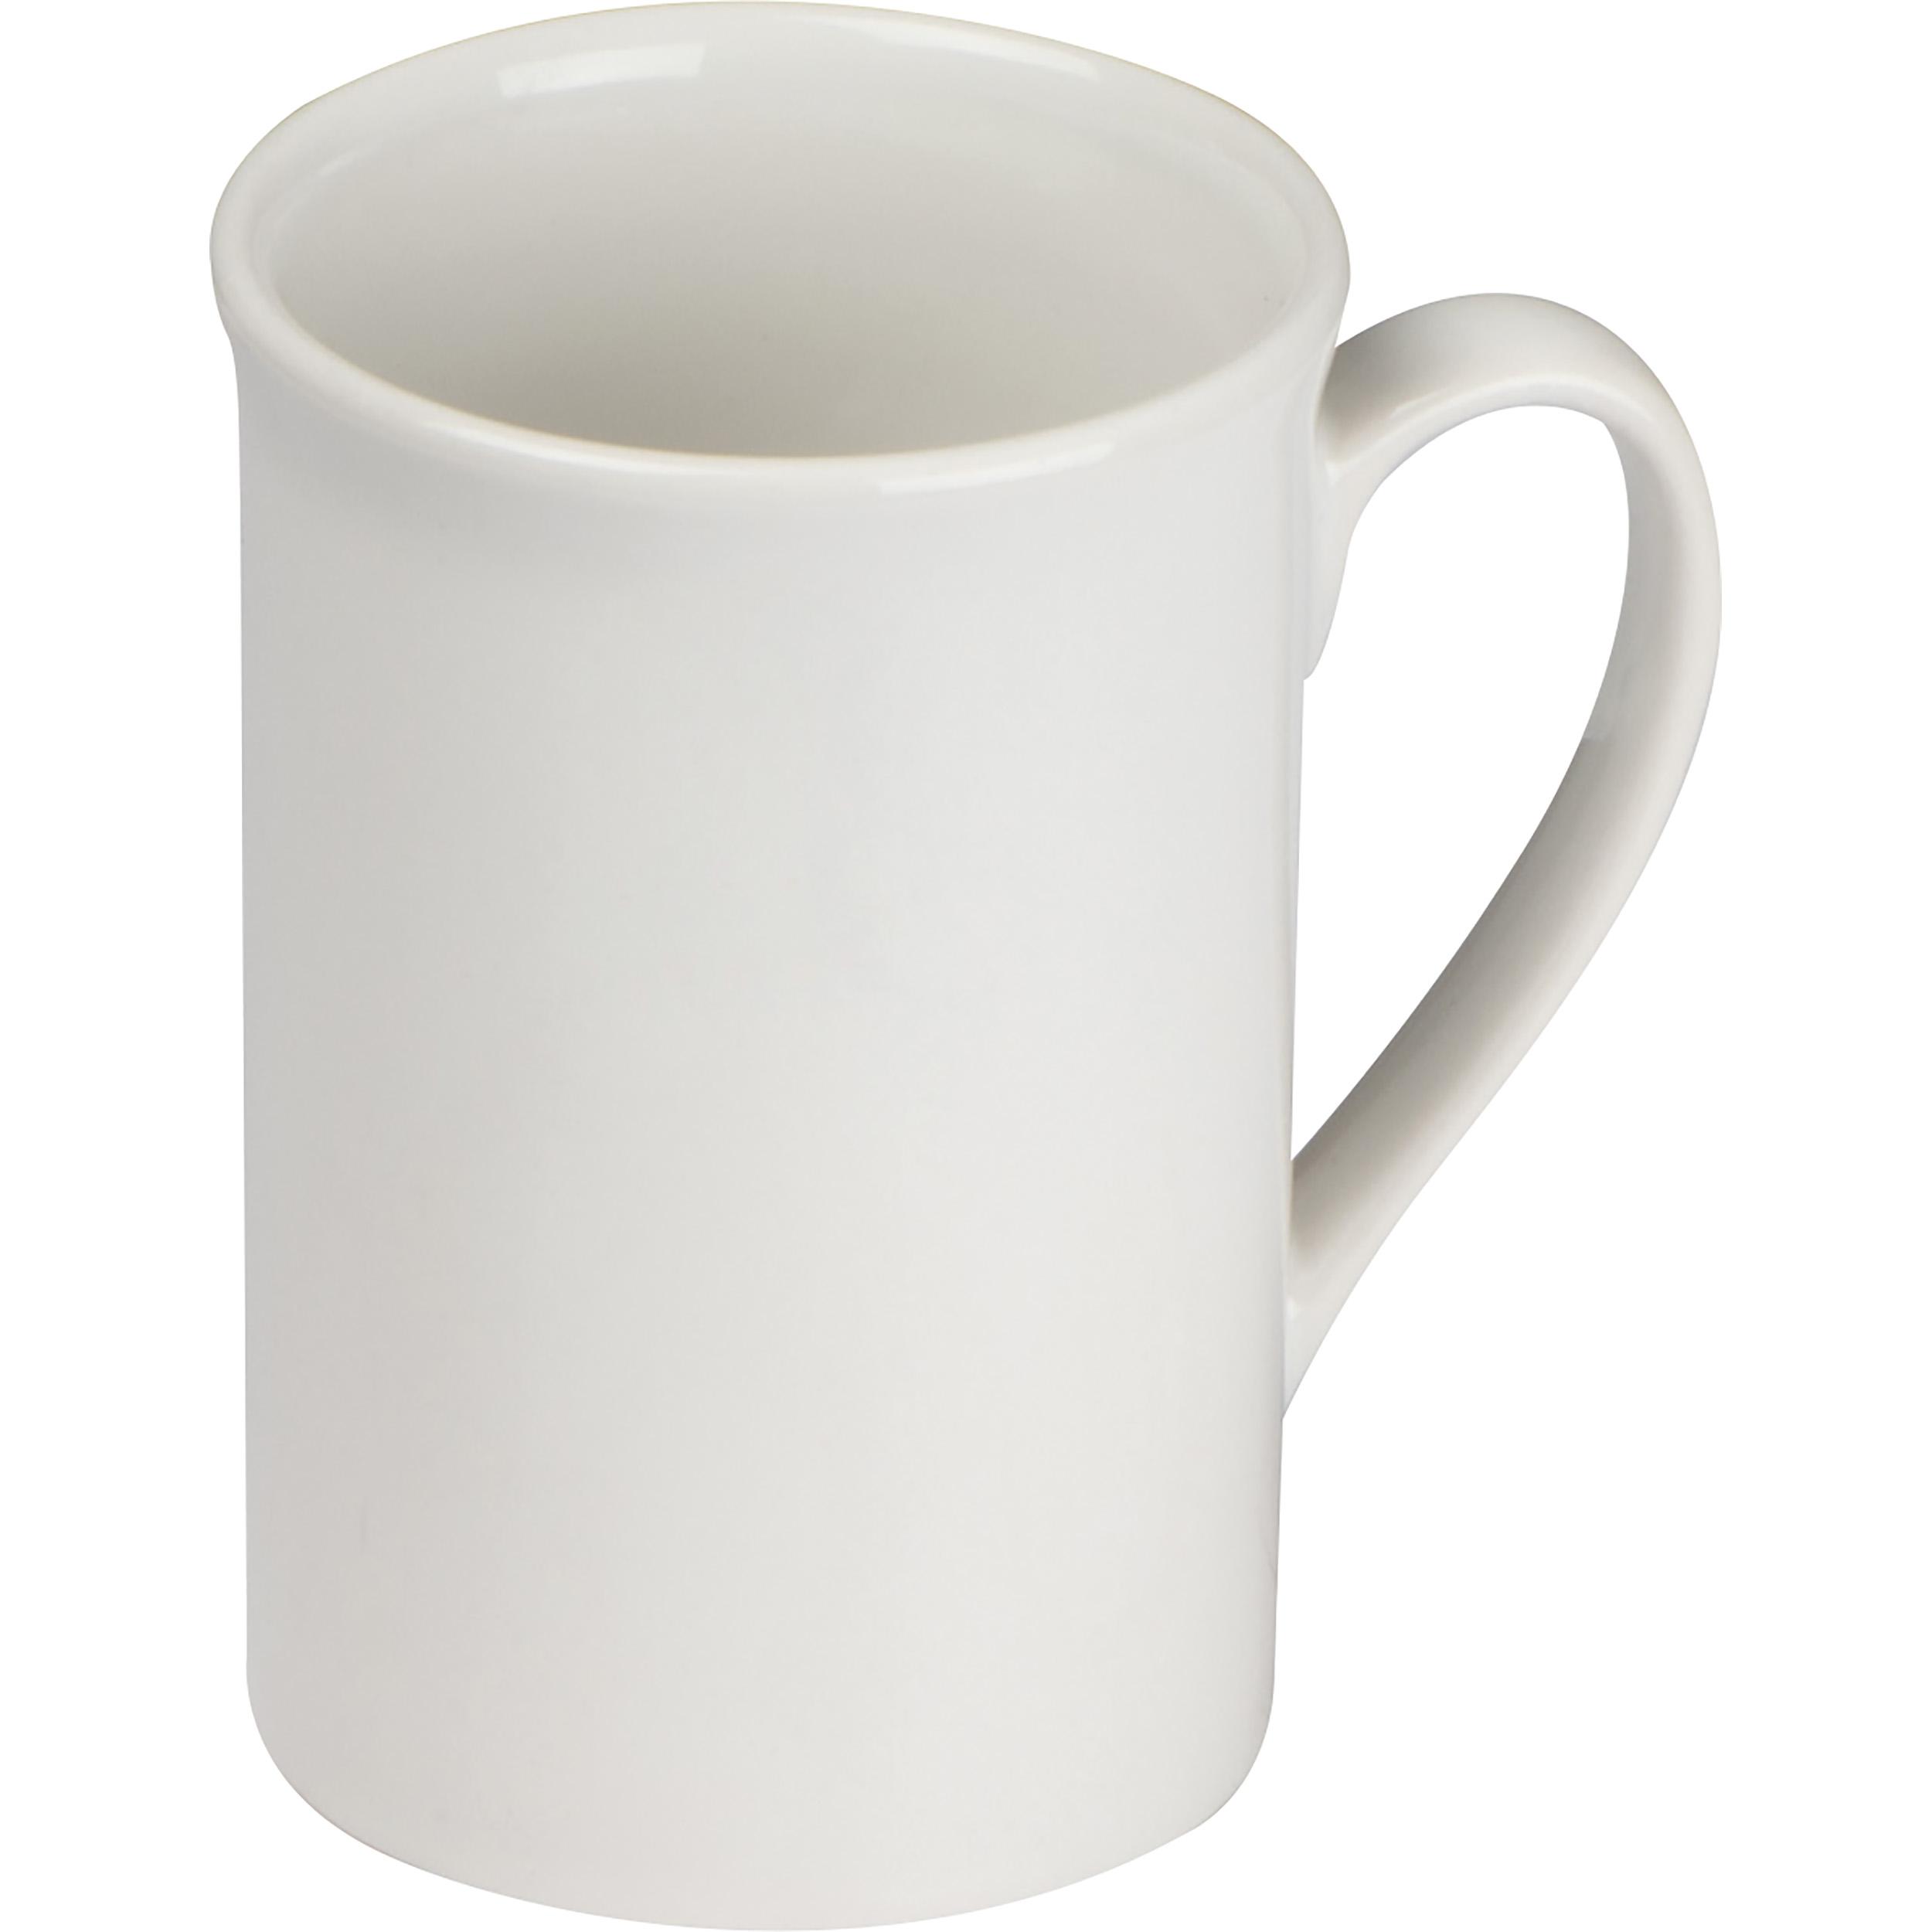 Mug en céramique blanche